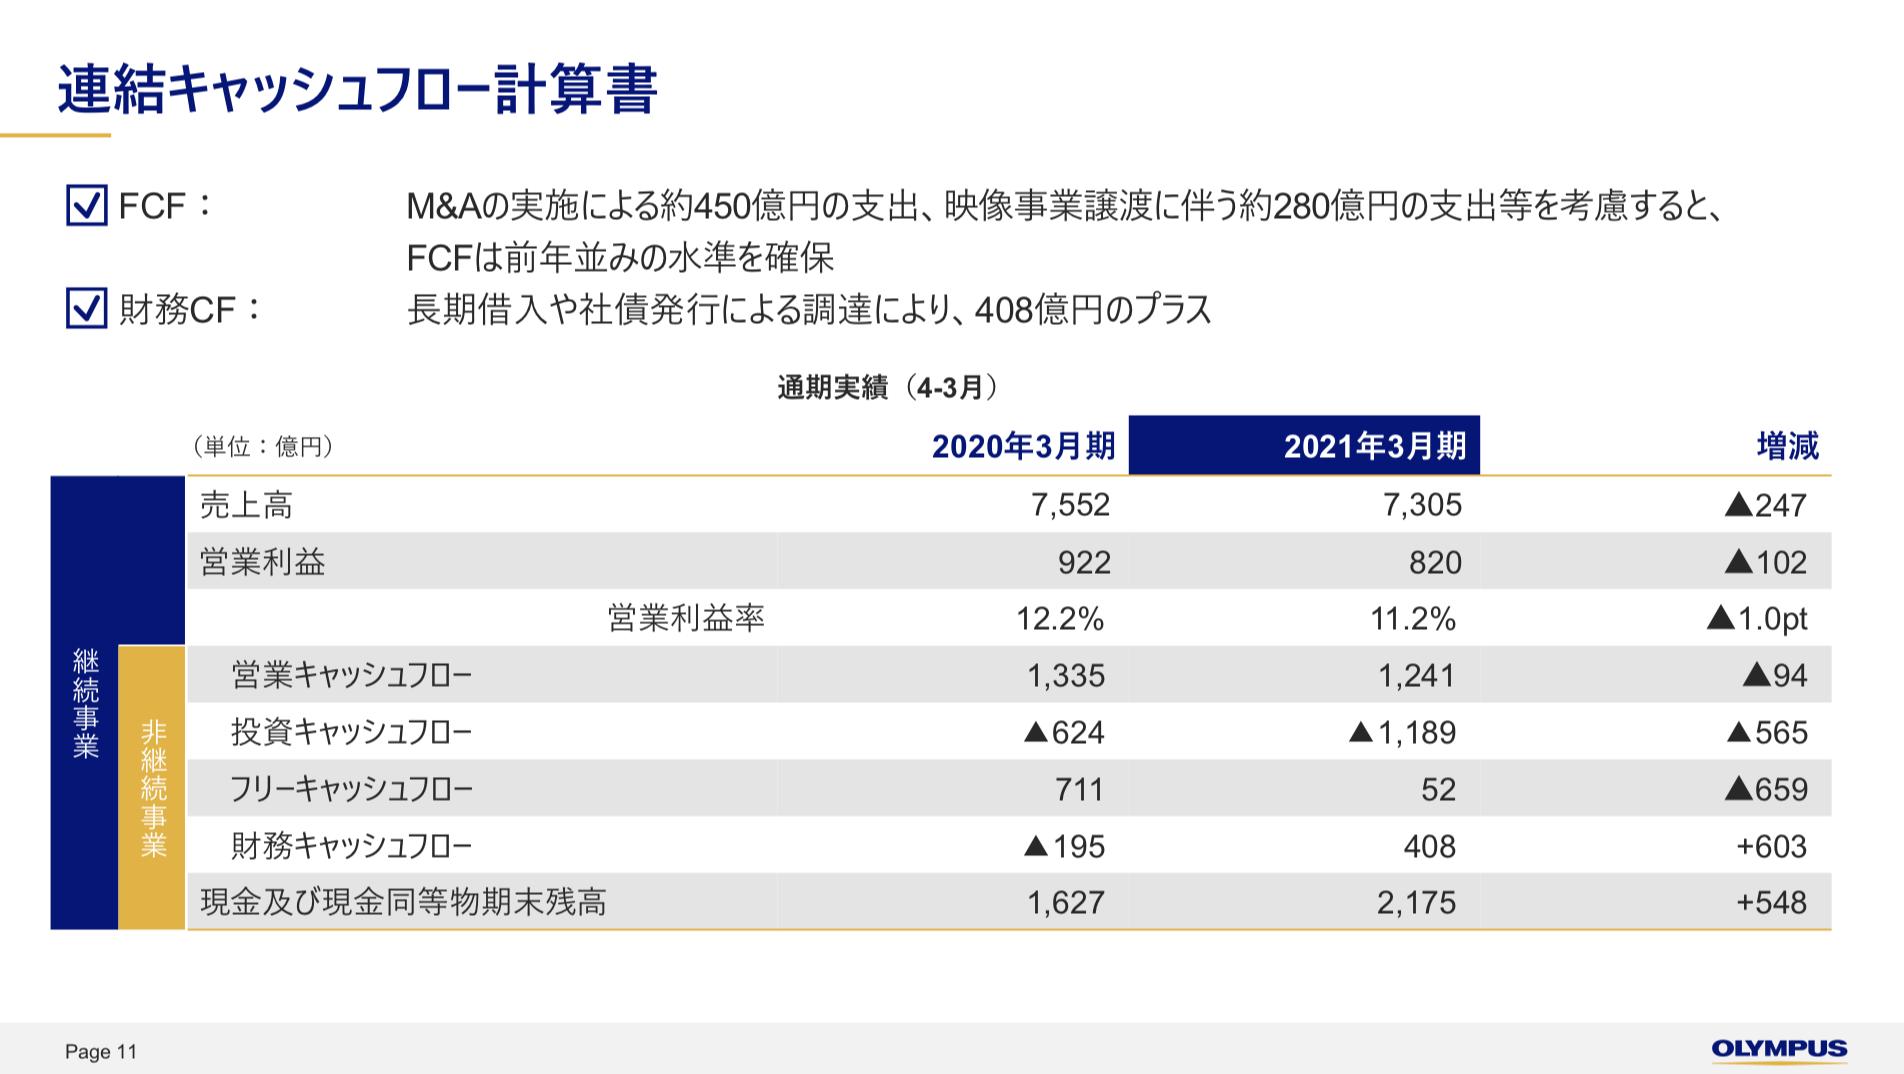 オリンパス株式会社 2021年3月期 連結決算概況 2022年3月期 通期業績見通し